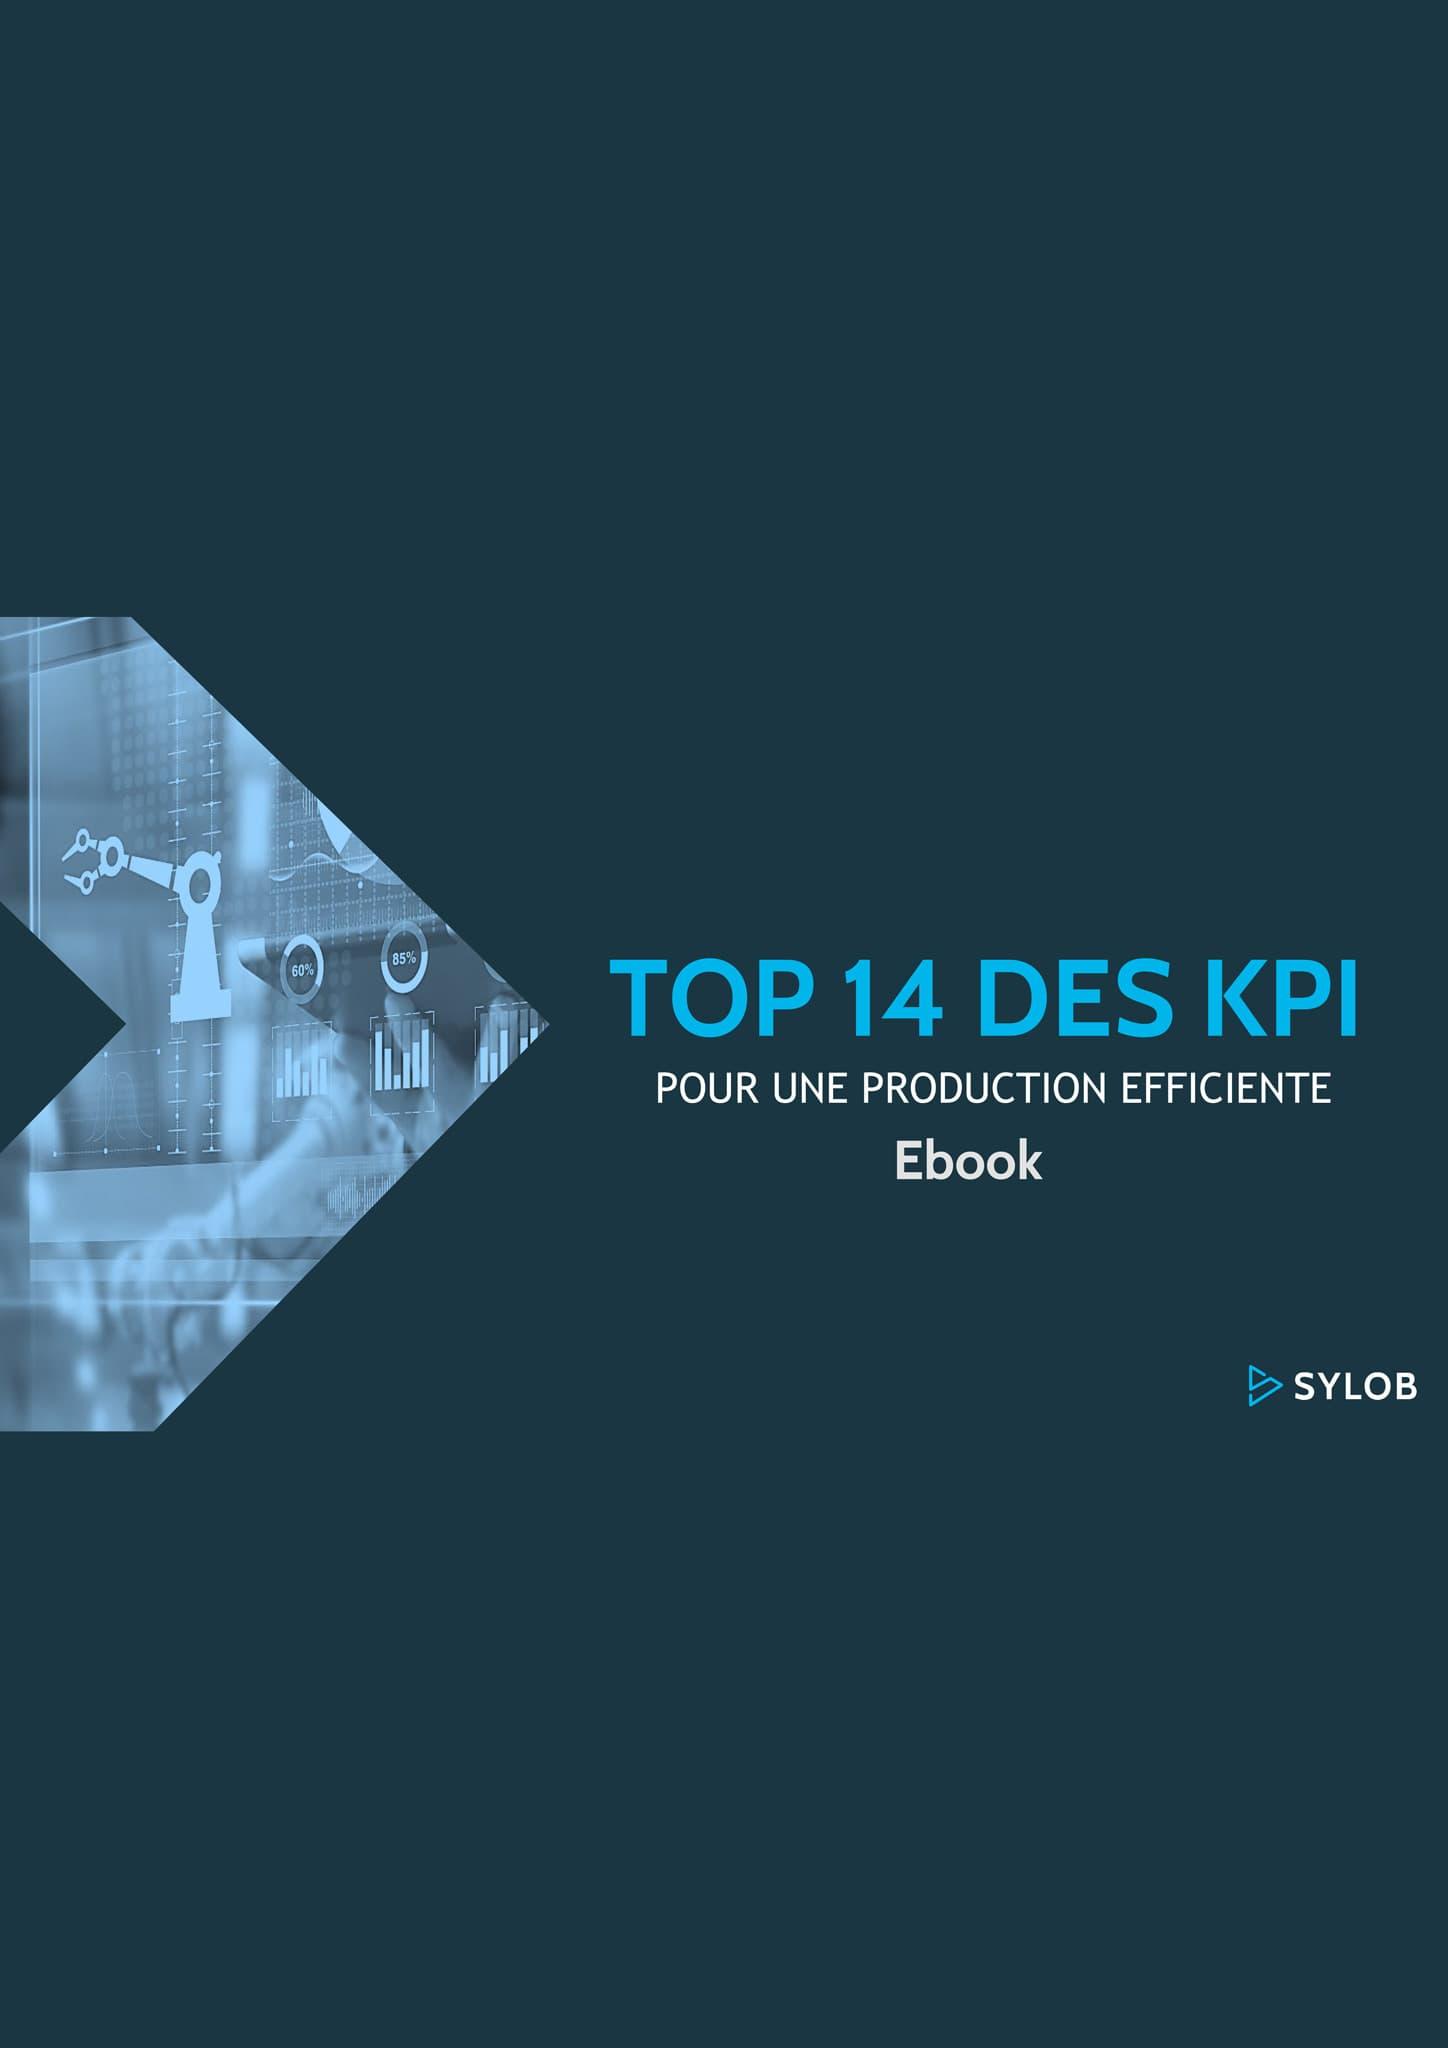 Couv-Ebook-Top-14-KPI-pour-une-production-efficiente